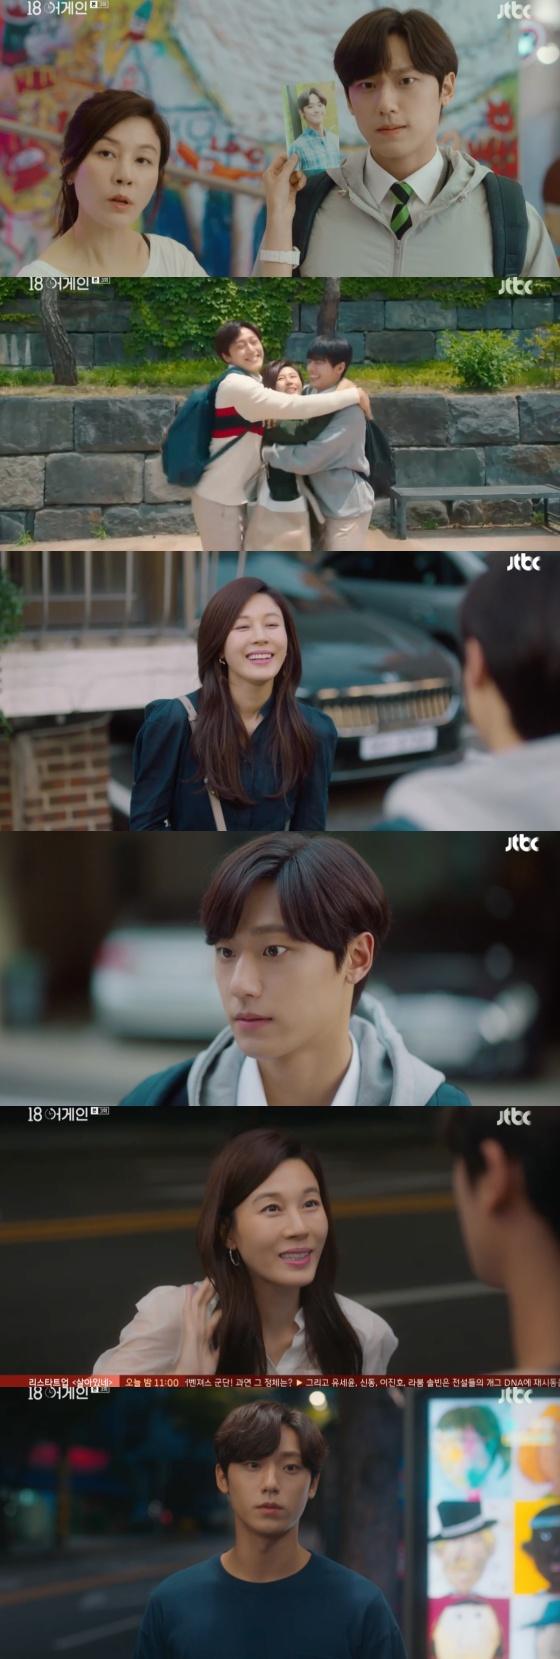 /사진=JTBC 월화드라마 '18어게인' 방송화면 캡처